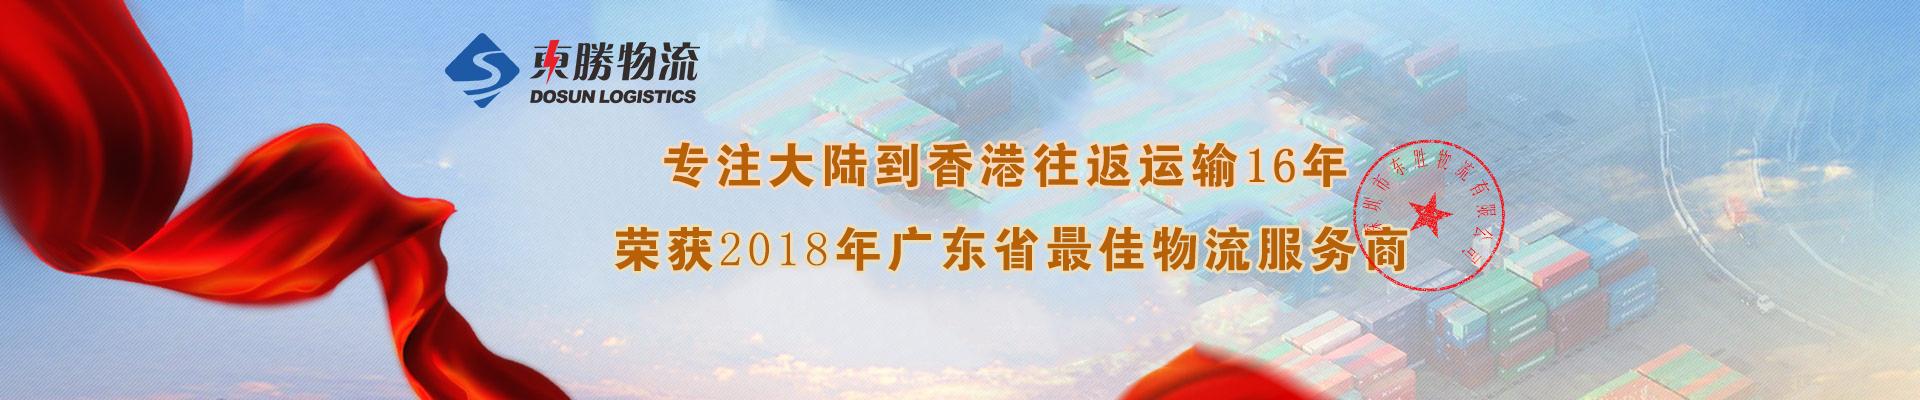 广州到香港吊机车运输-广州到香港吊臂车物流-广州到香港小吊机车运输公司